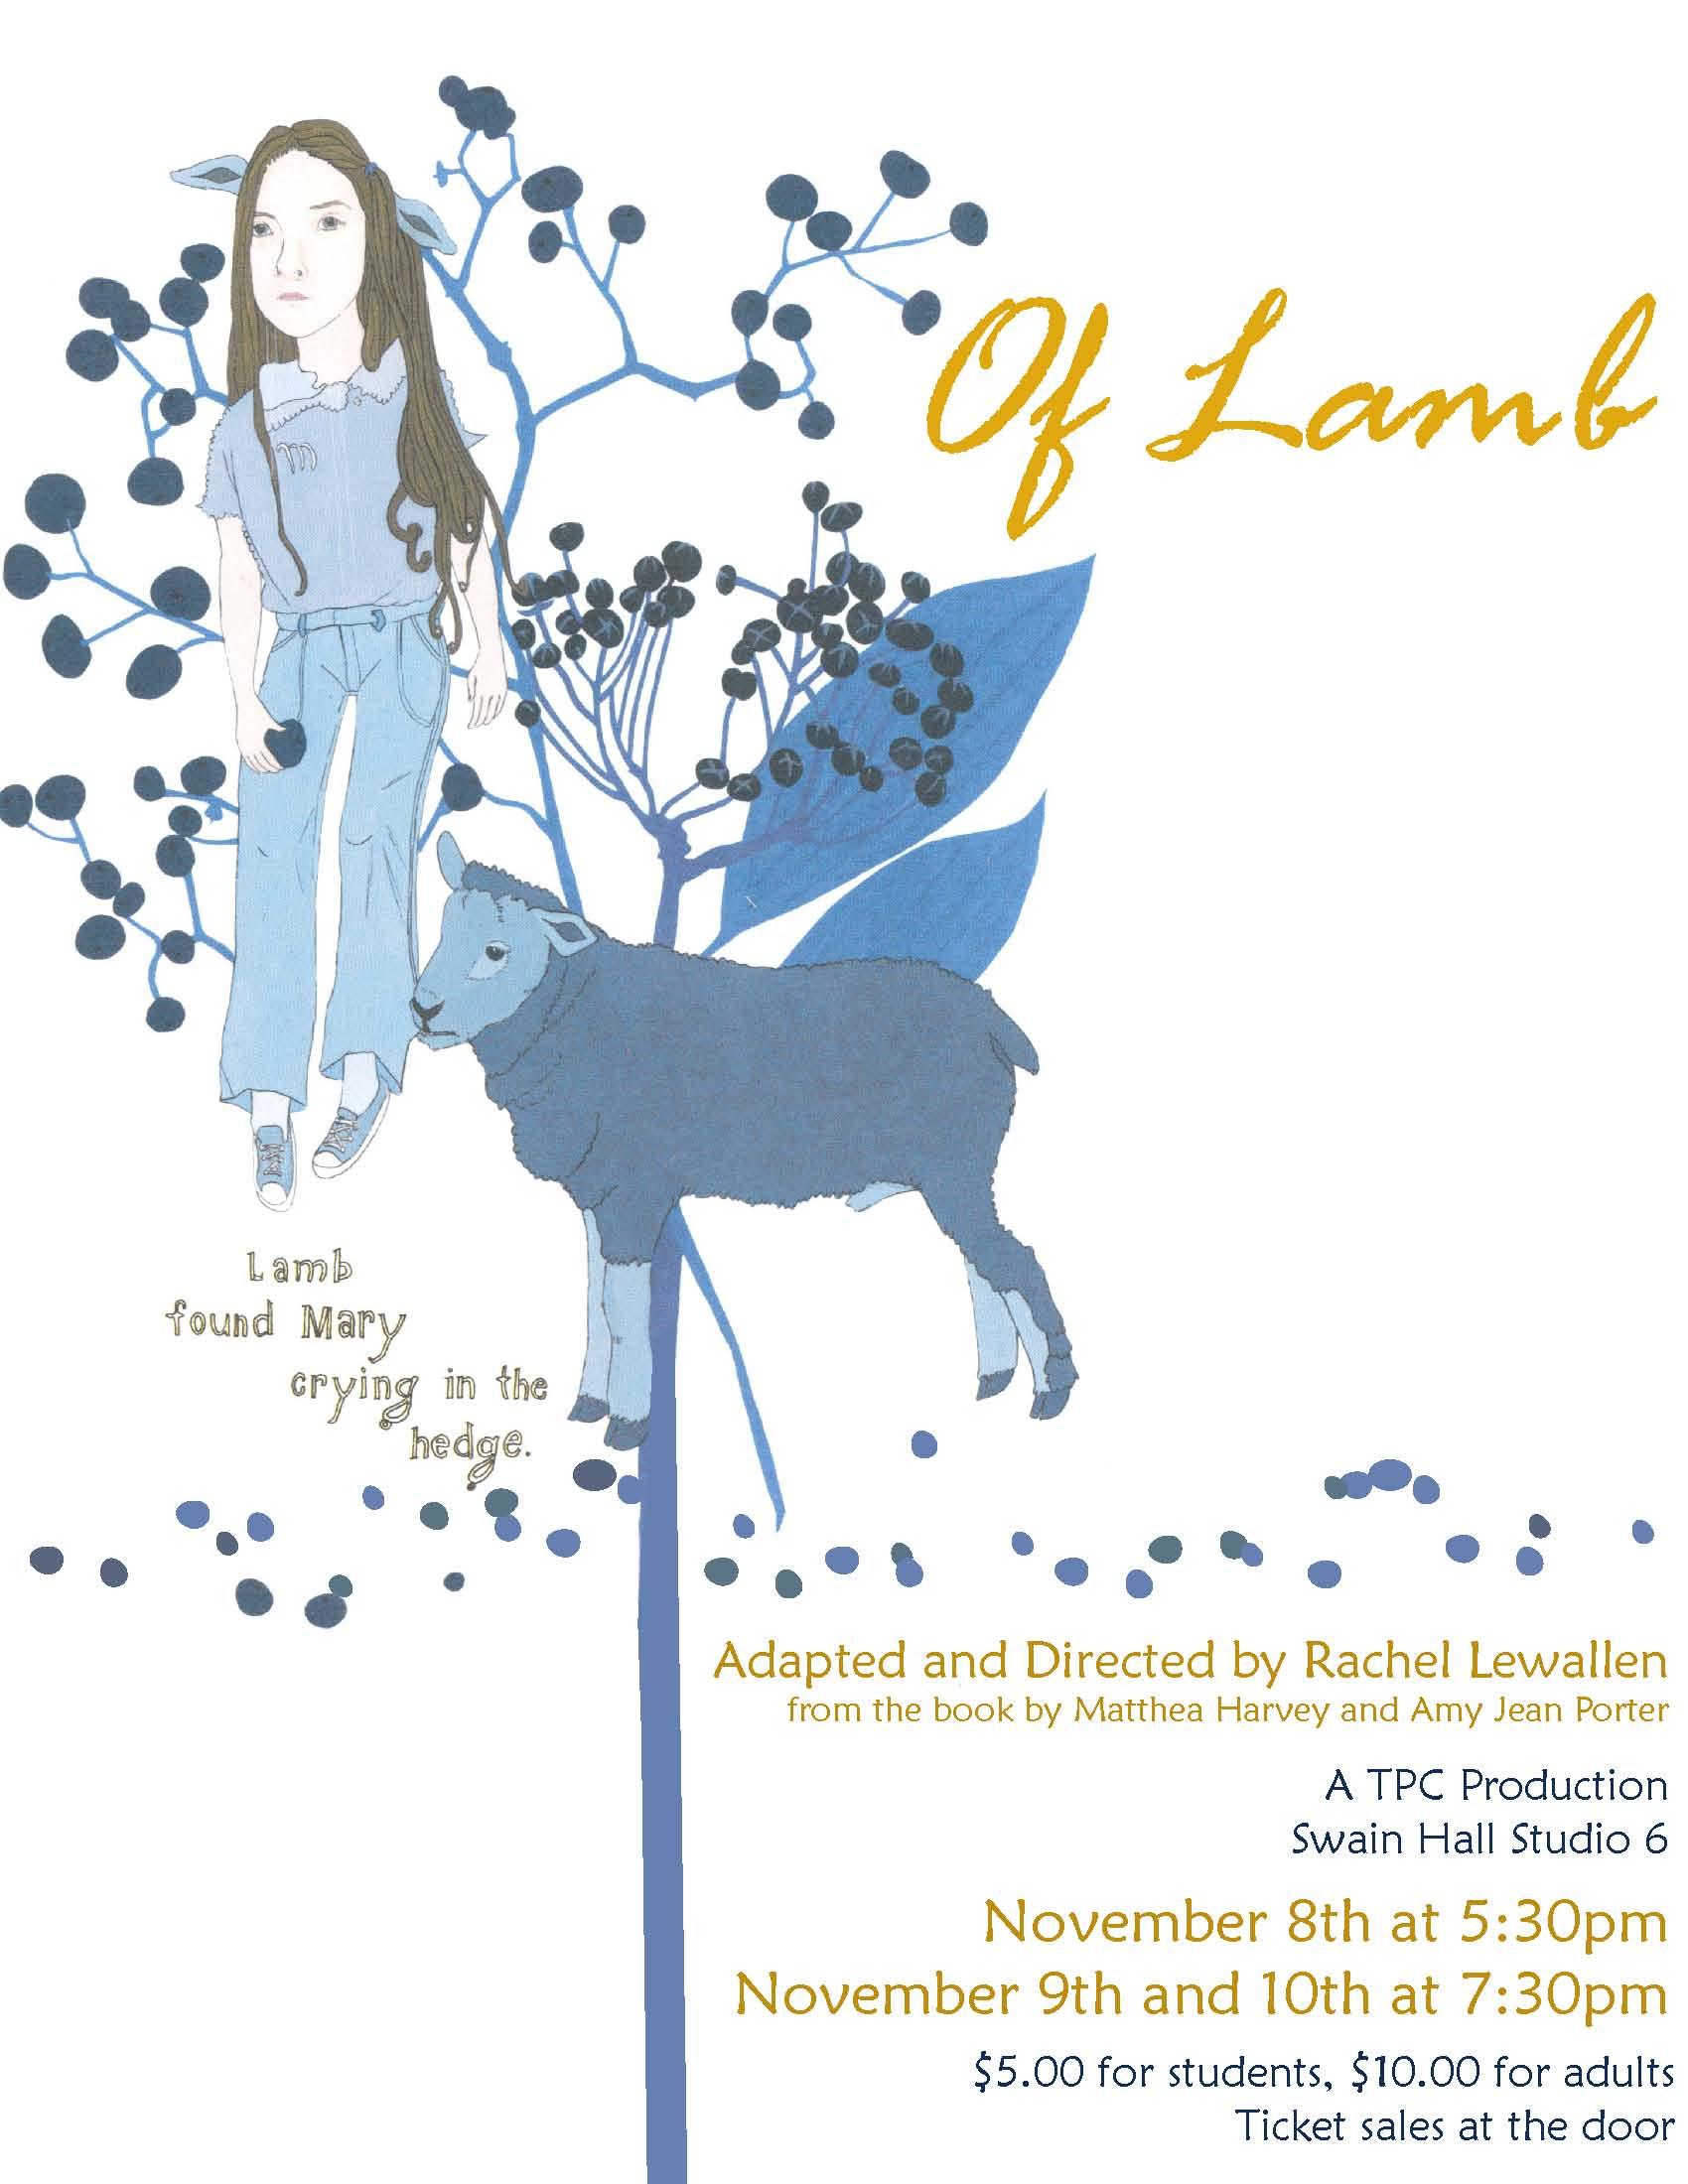 lamb35(1).jpg